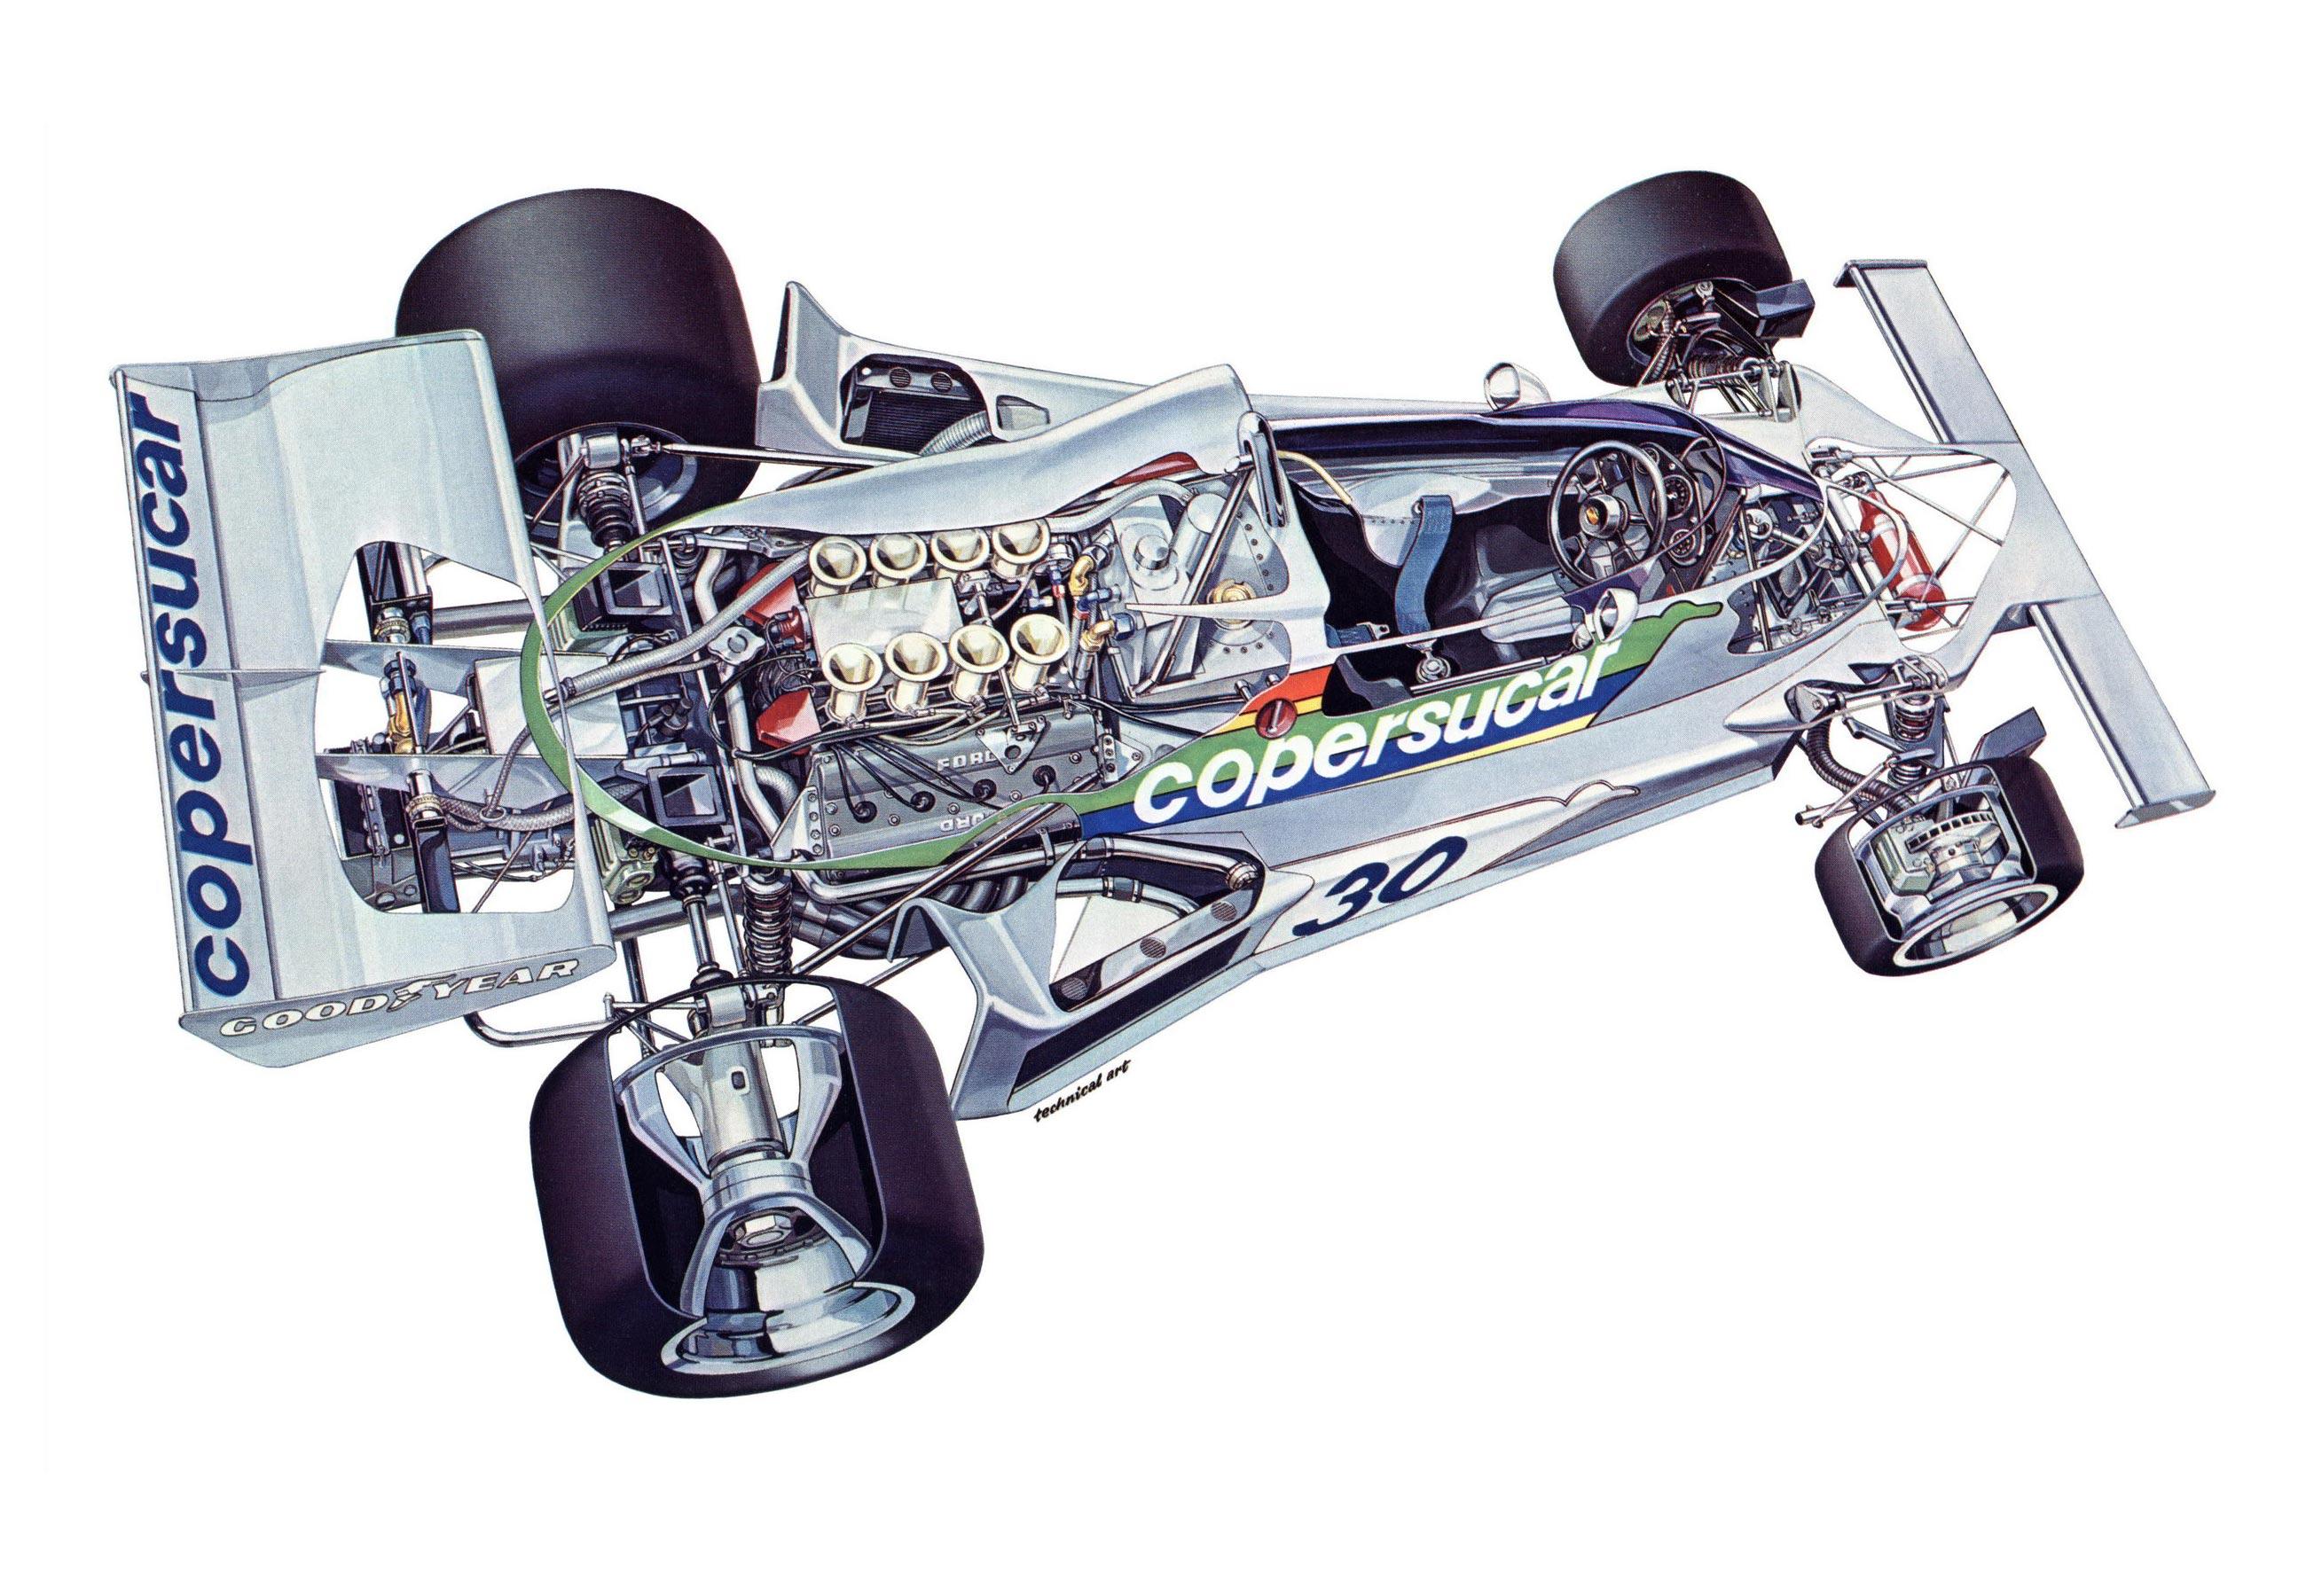 Fittipaldi FD04 cutaway drawing